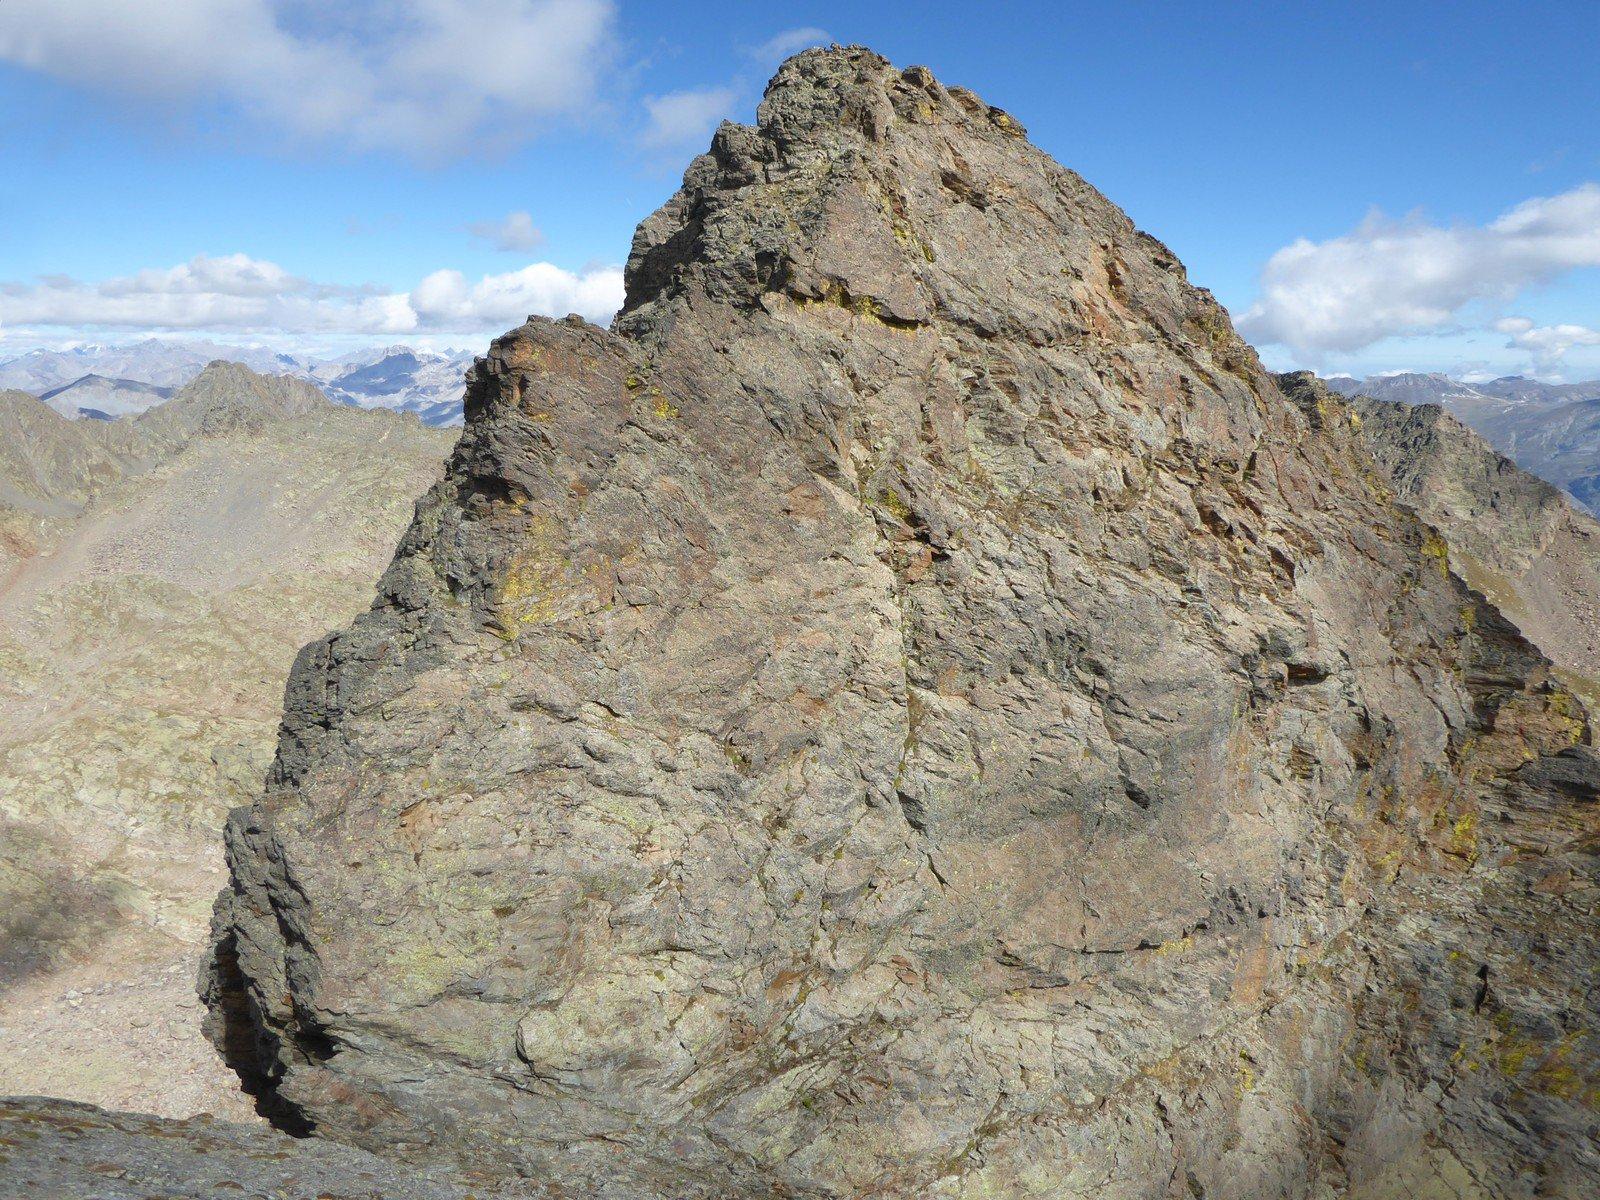 la cima Burnat salendo al Bec del Vir